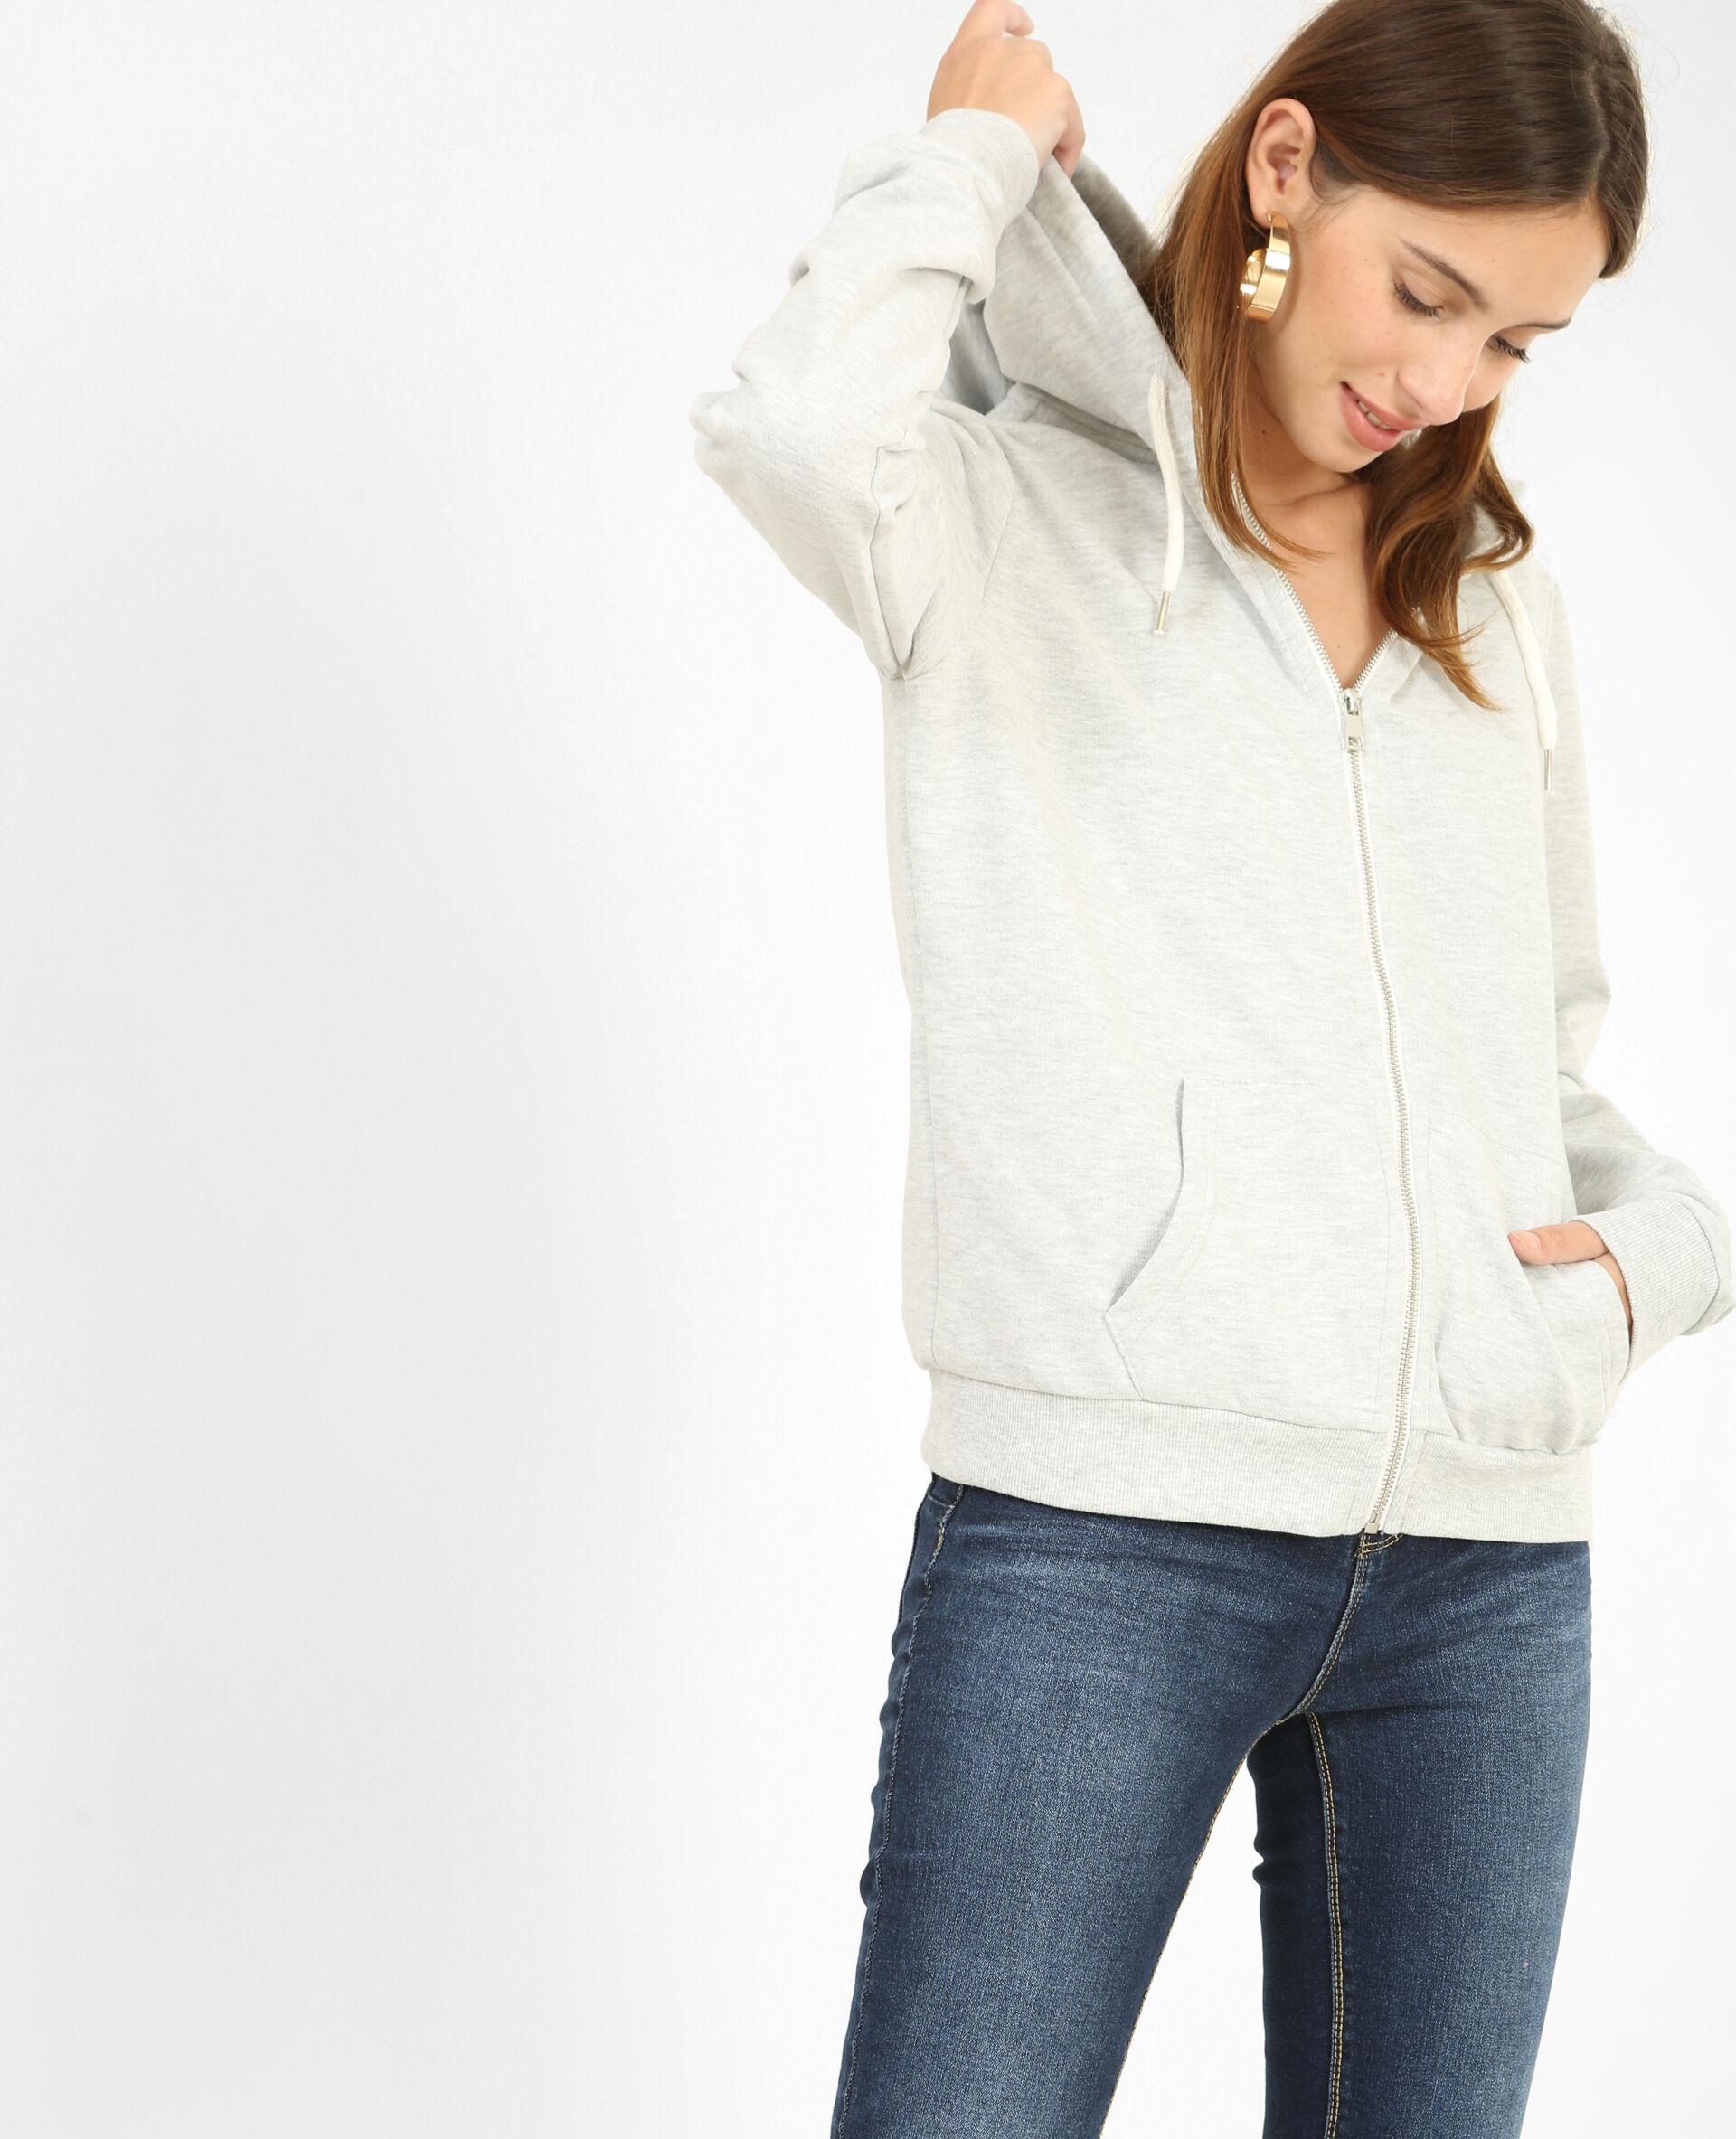 Sweat zippé Femme -20% - Couleur gris perle - Taille XL - PIMKIE - Soldes Hiver 2018